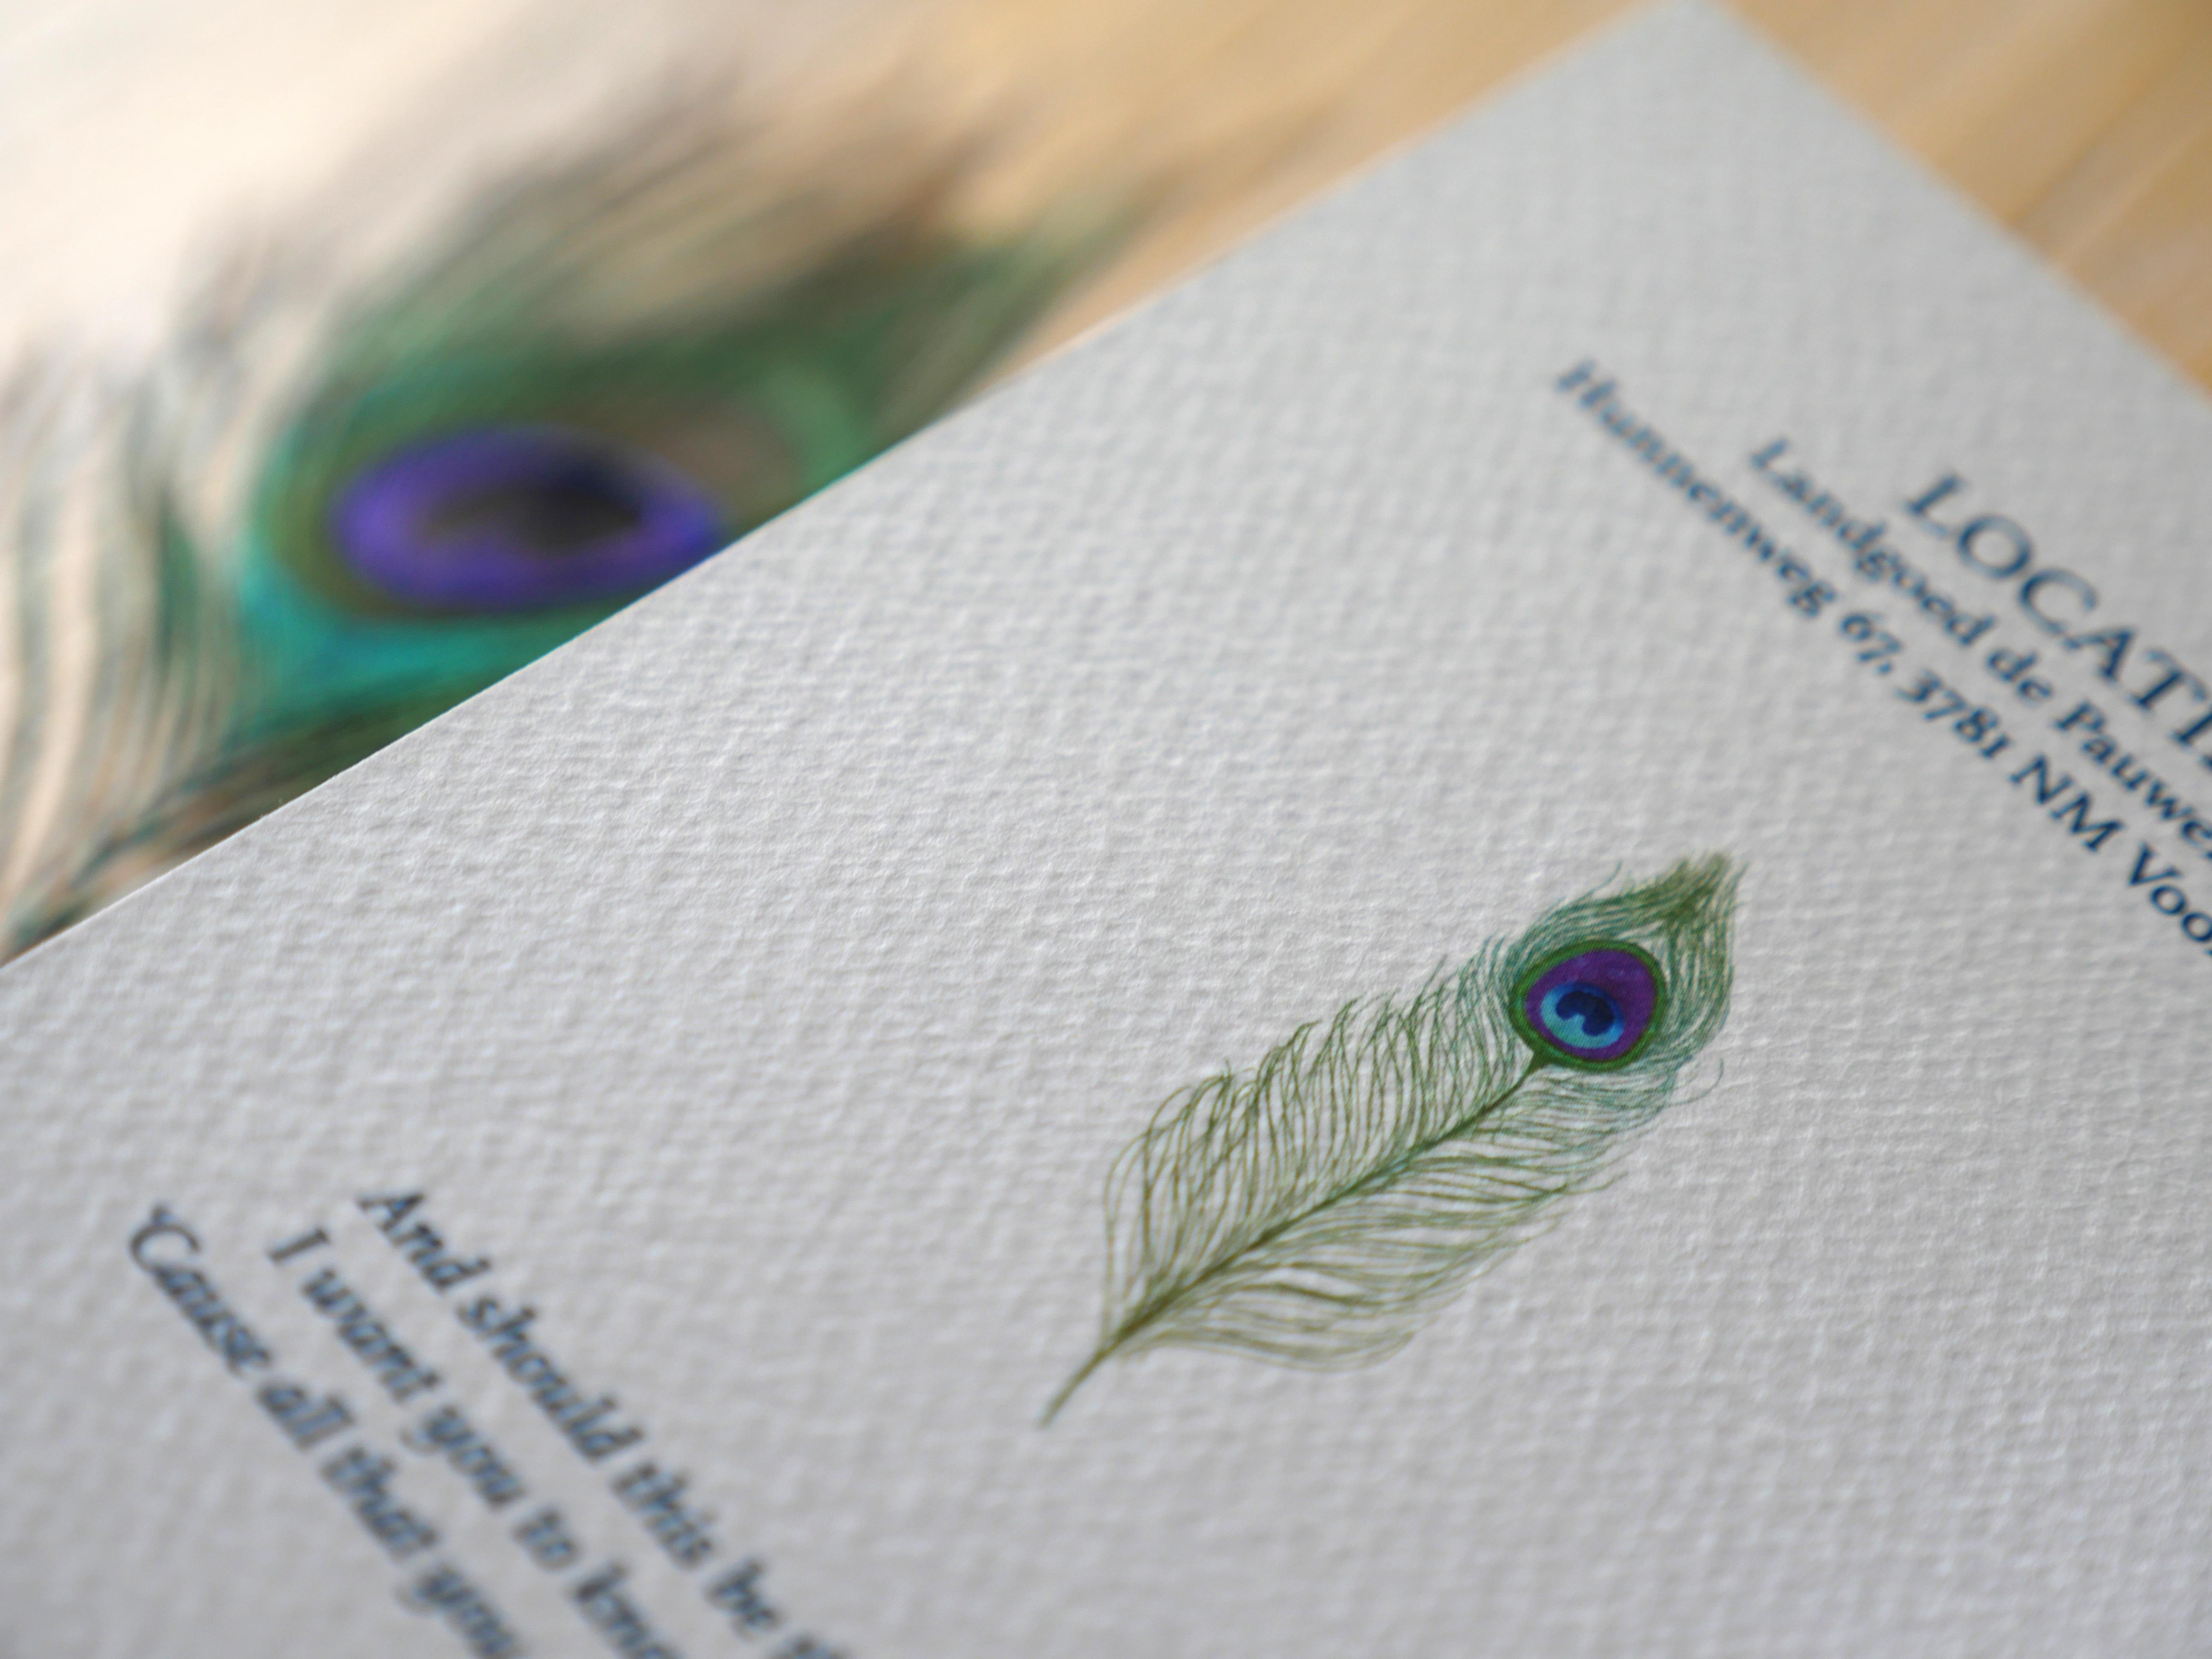 Eva & Jeffrey wisten precies hoe hun trouwkaart eruit moest zien; passend bij hun pauwenthema. Het werd echt hún unieke trouwkaart. Het was een hele leuke samenwerking, waarbij we gespeeld hebben met de kleuren en papiersoorten.We hebben verschillende testen gemaakt op o.a. vilt en glans papier. Eva & Jeffrey kozen uiteindelijk petrol blauw op vilt papier, dit geeft de kaart een mooie matte uitstraling.